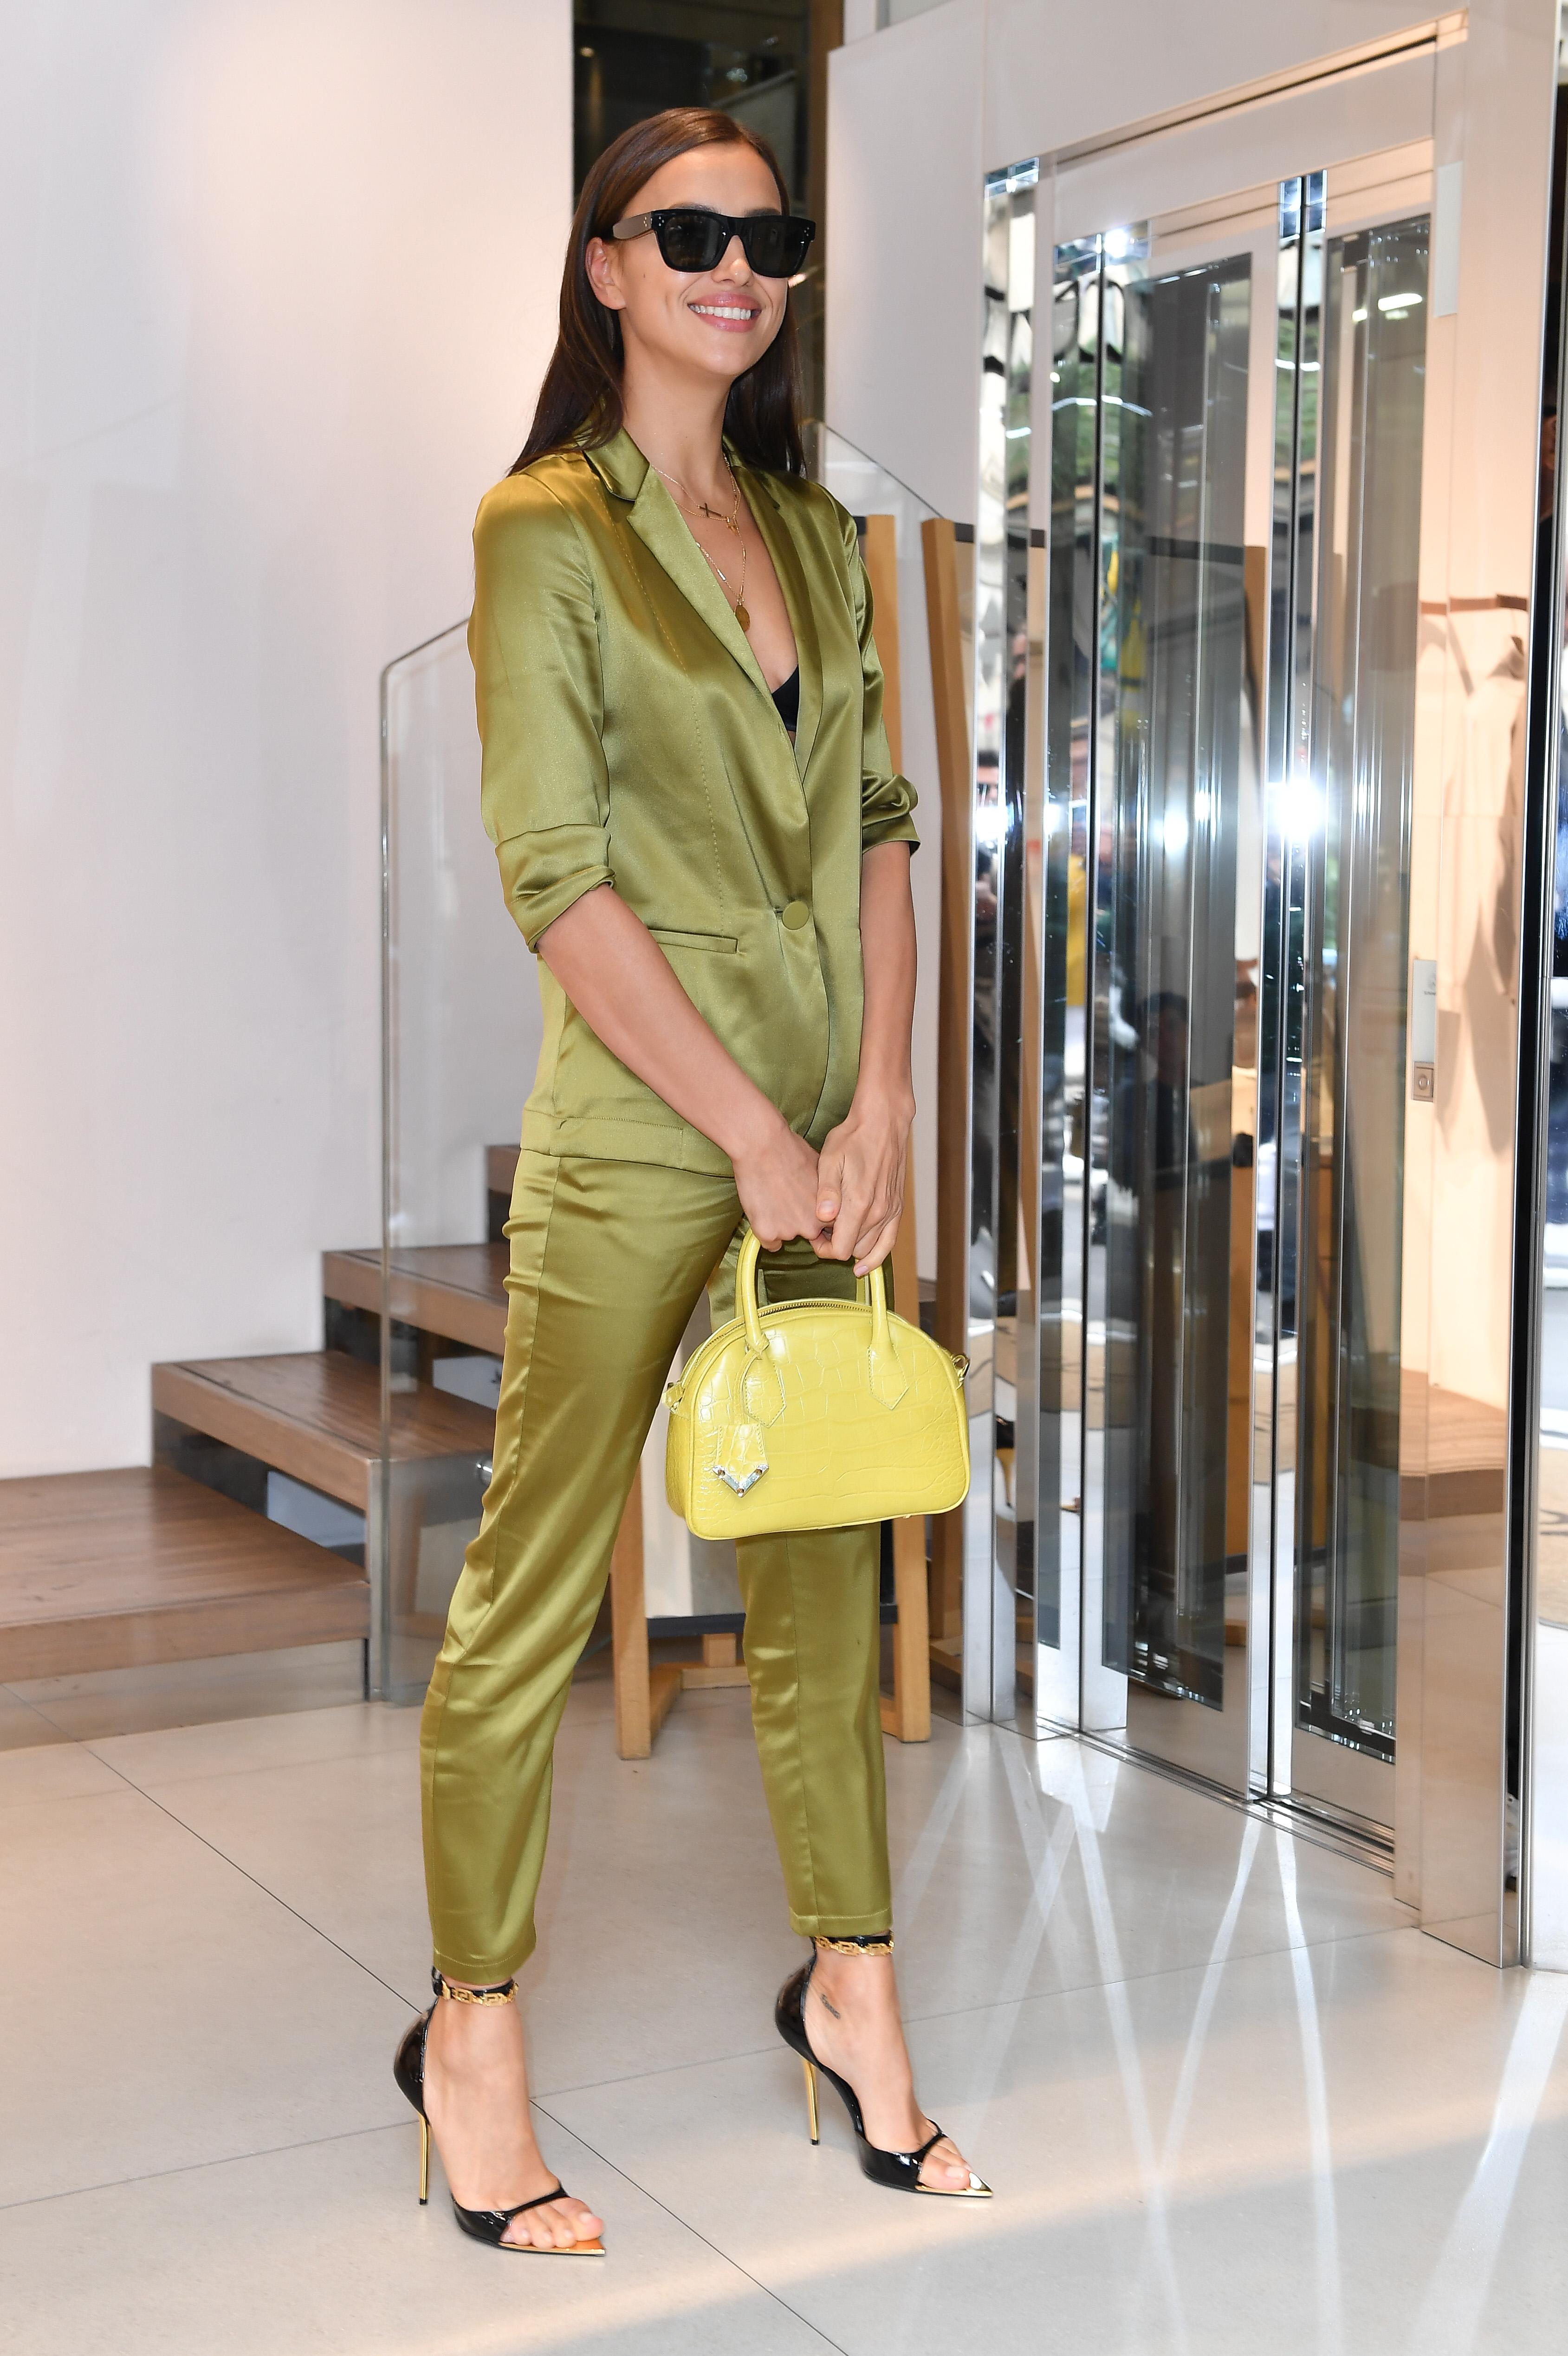 Celebrity Sightings: September 20 - Milan Fashion Week Spring/Summer 2020